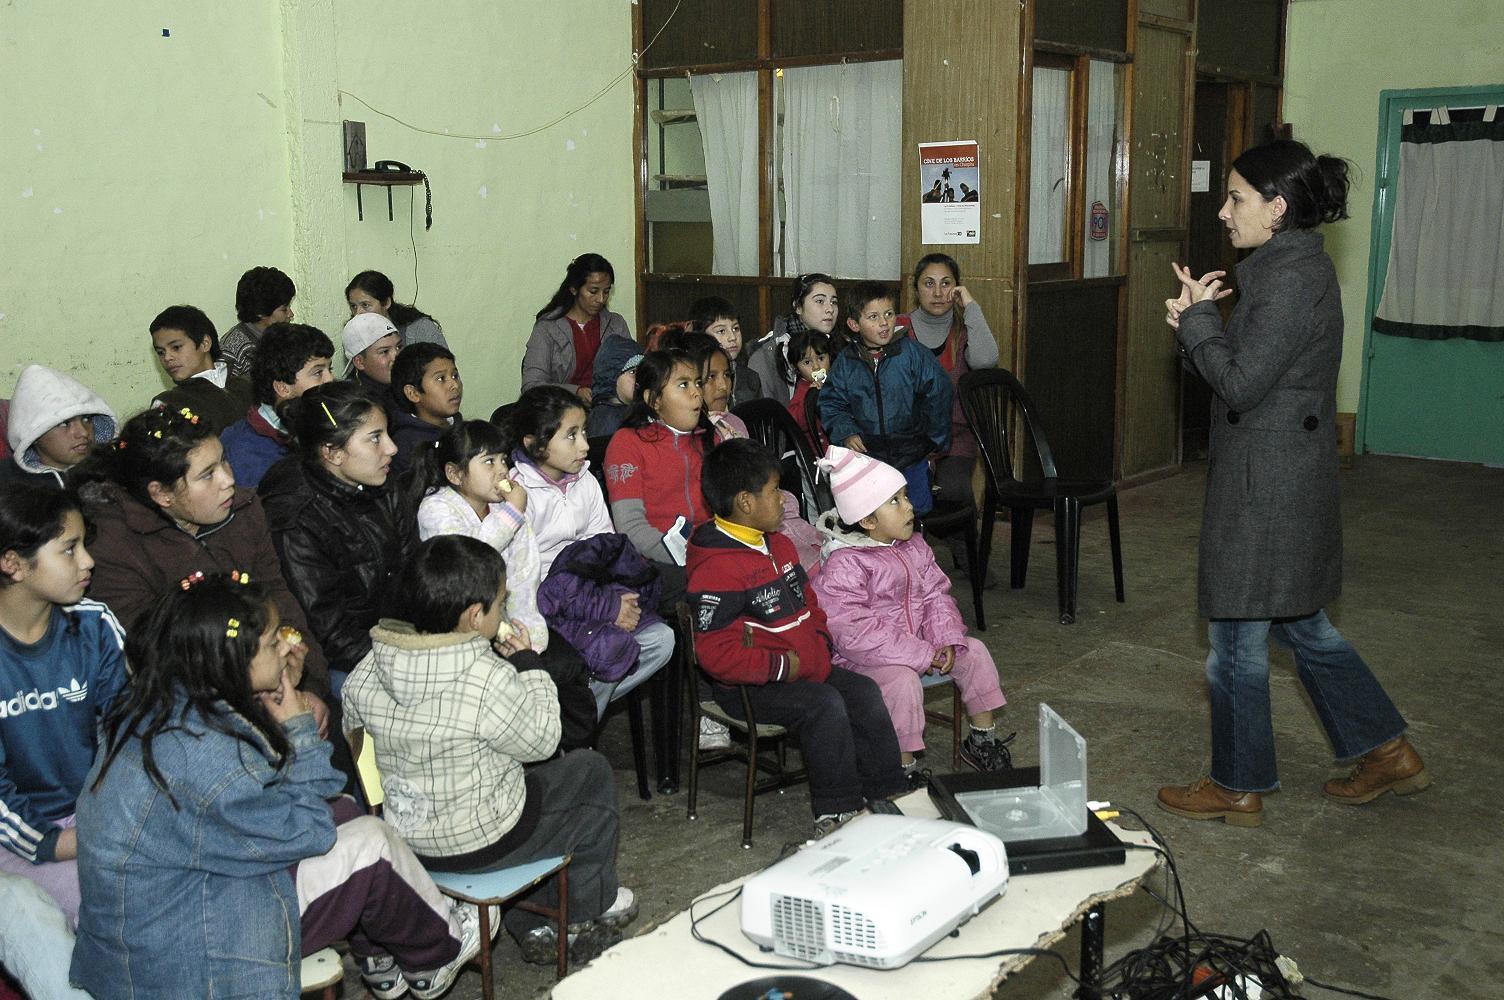 La Pulseada festeja con Cine en Movimiento